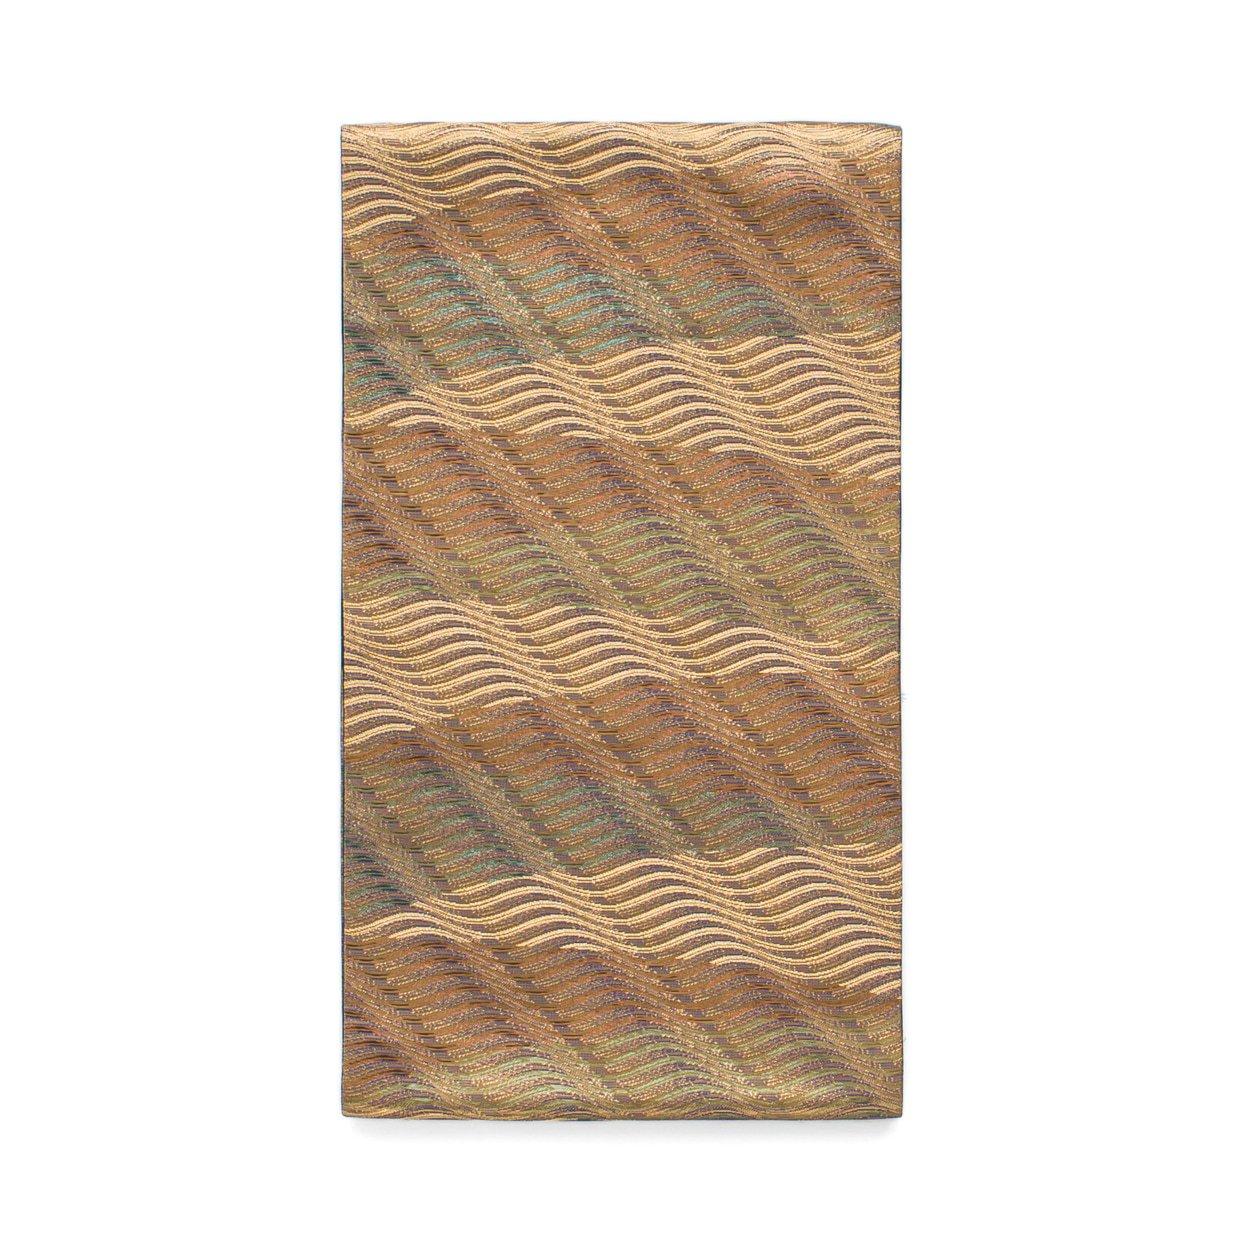 「袋帯●三角波」の商品画像